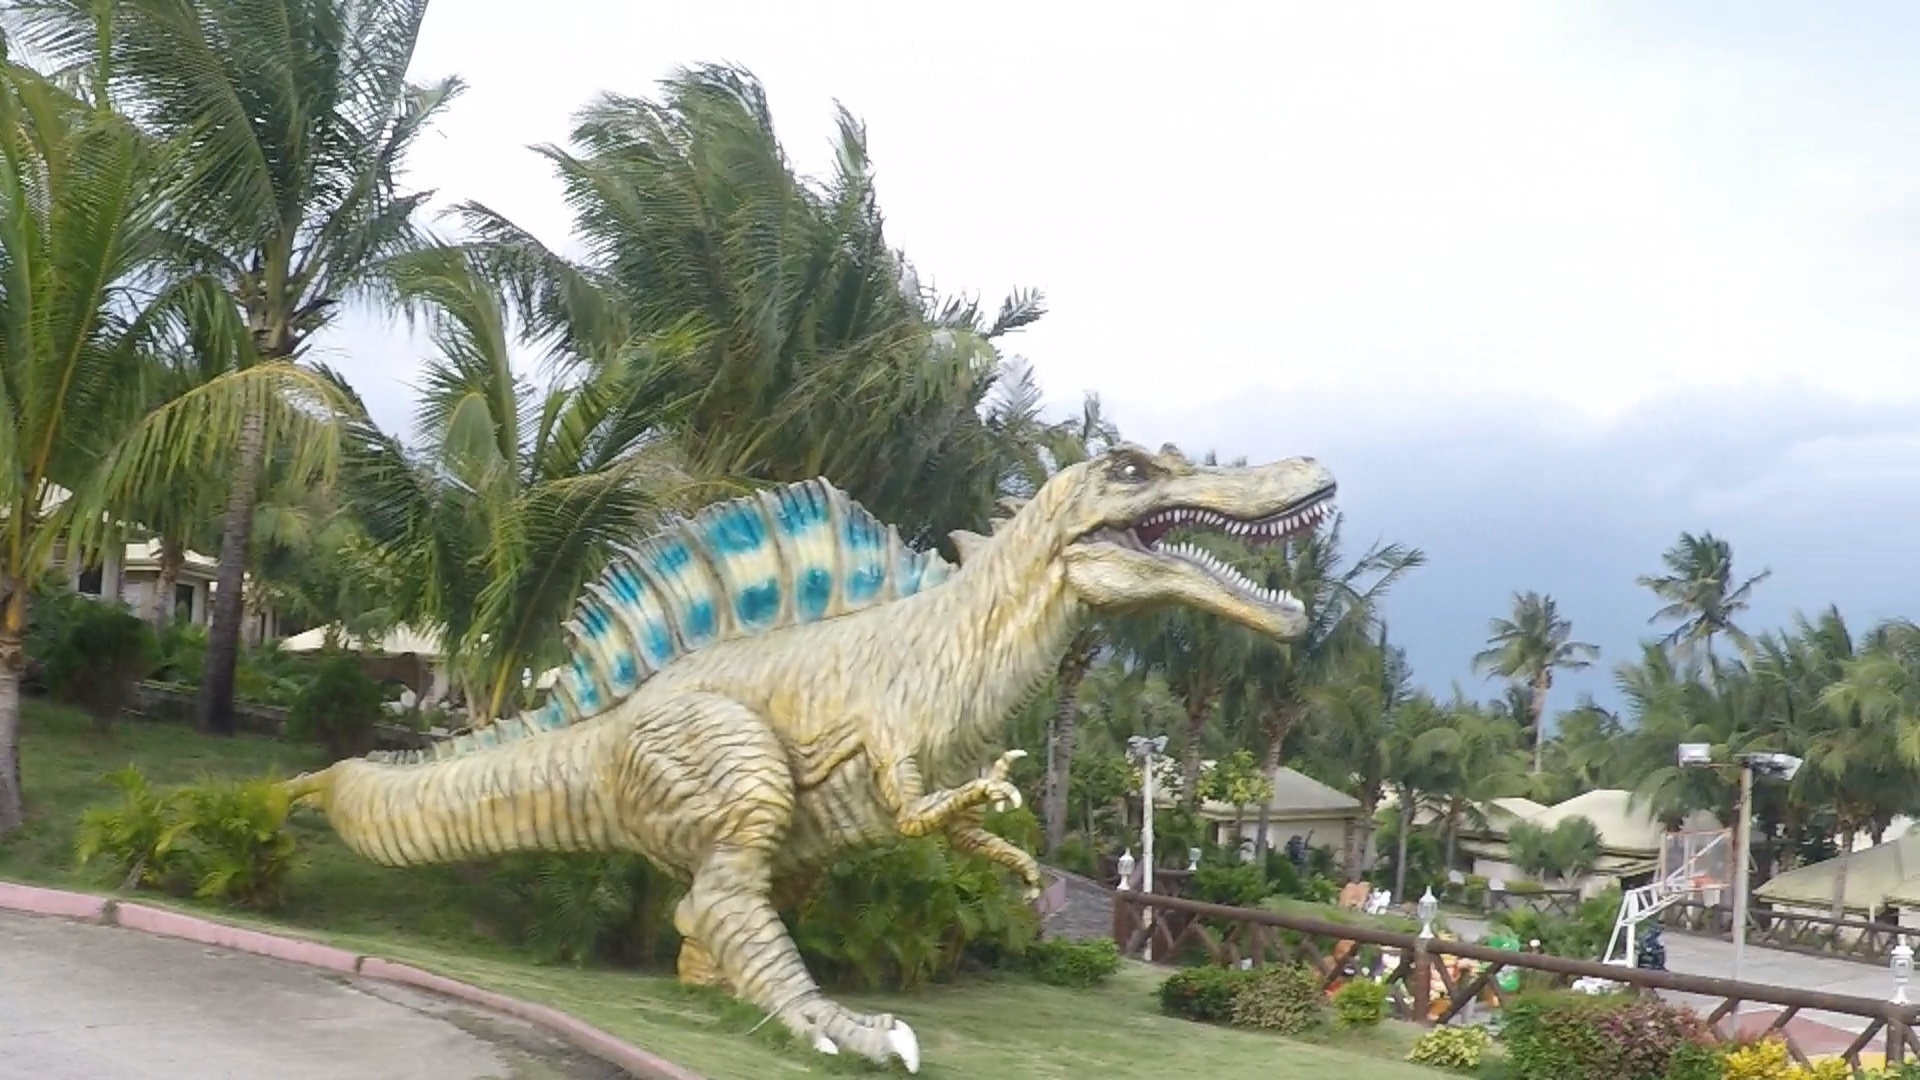 Hannah's Resort Ilocos Norte Dinosaur